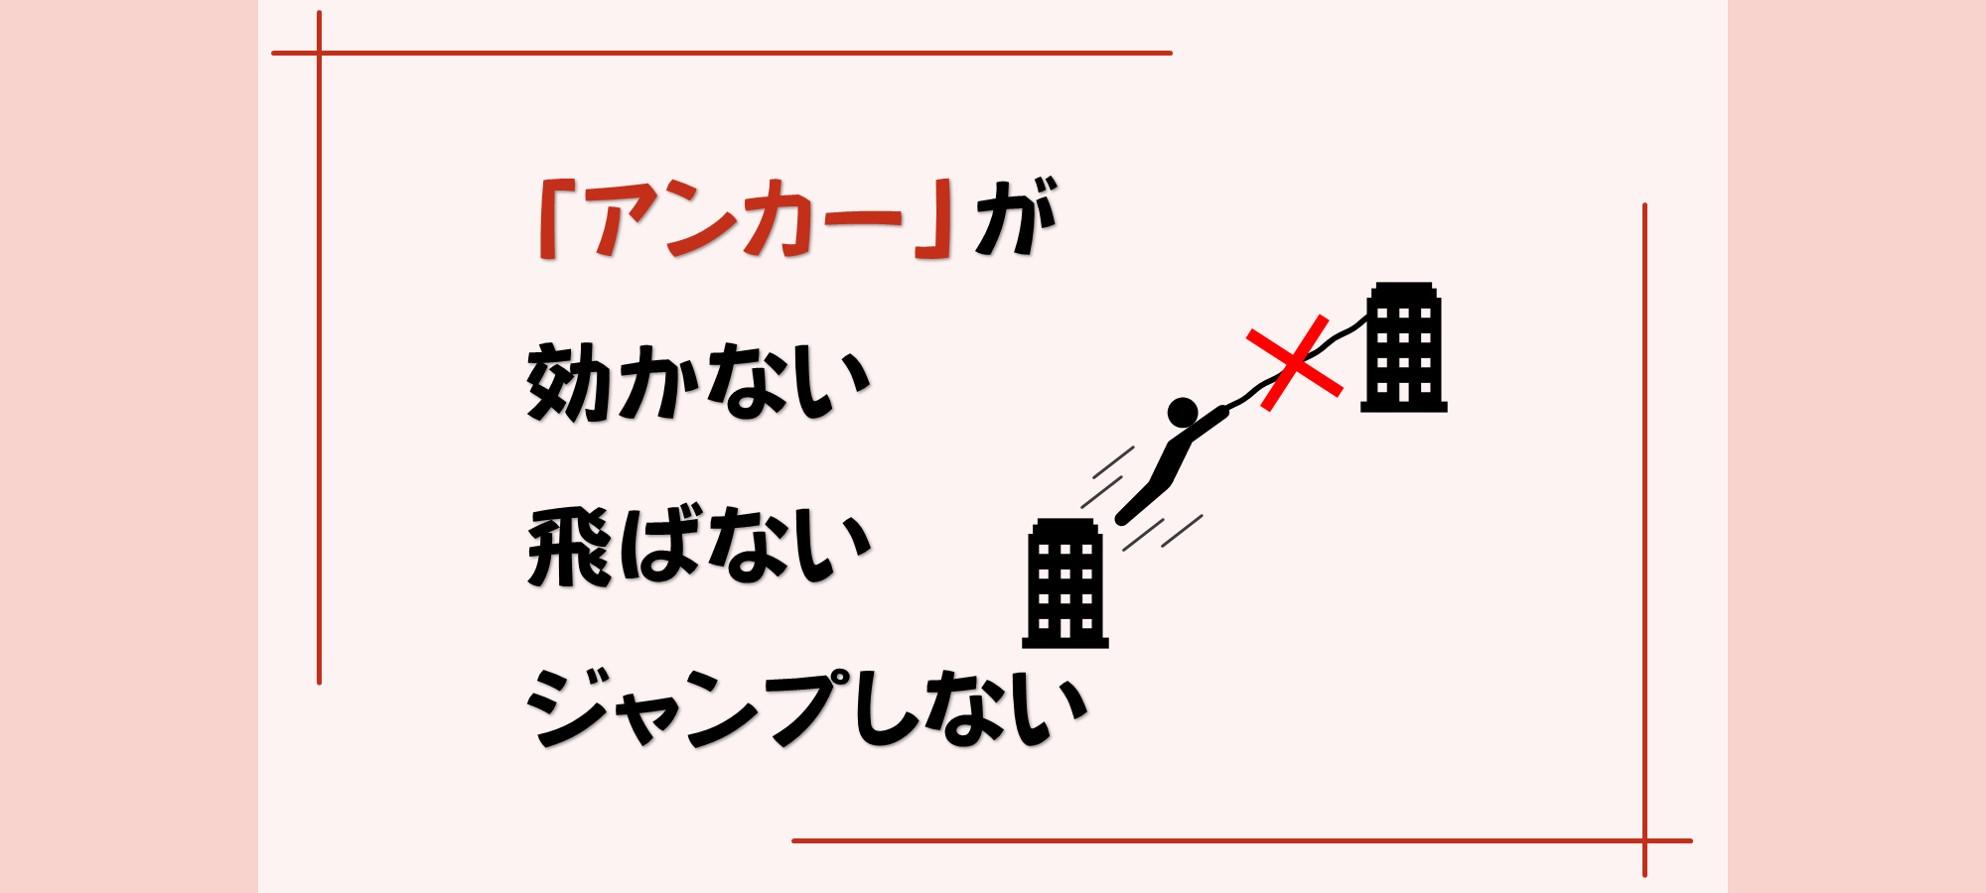 【WP】アンカーリンクが効かない飛ばないジャンプしないときの対策